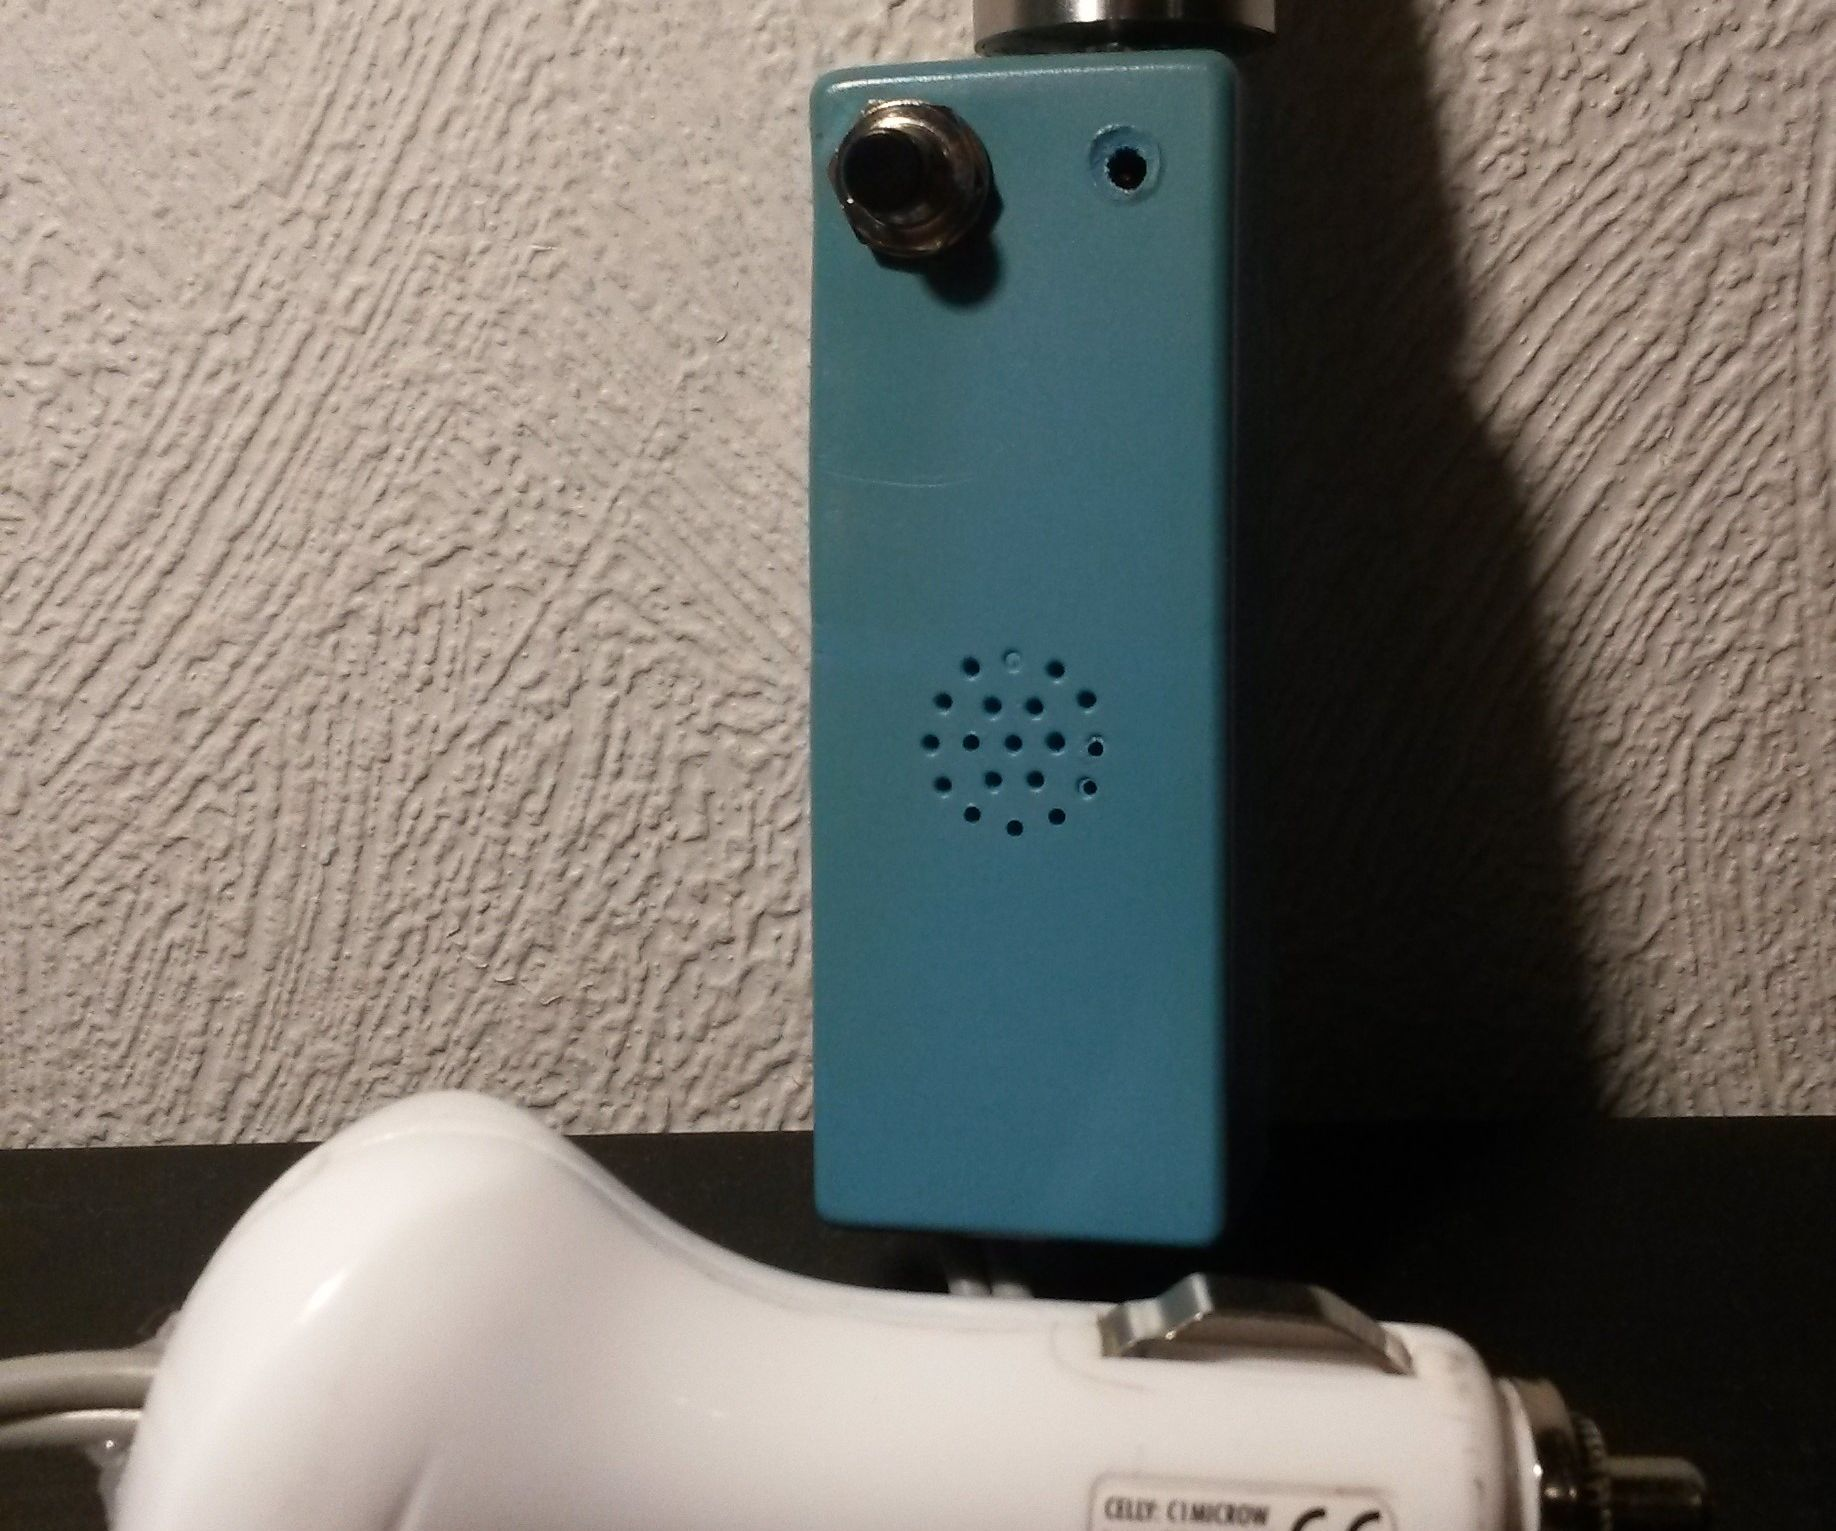 DIY 12v car E-Cig / Box mod